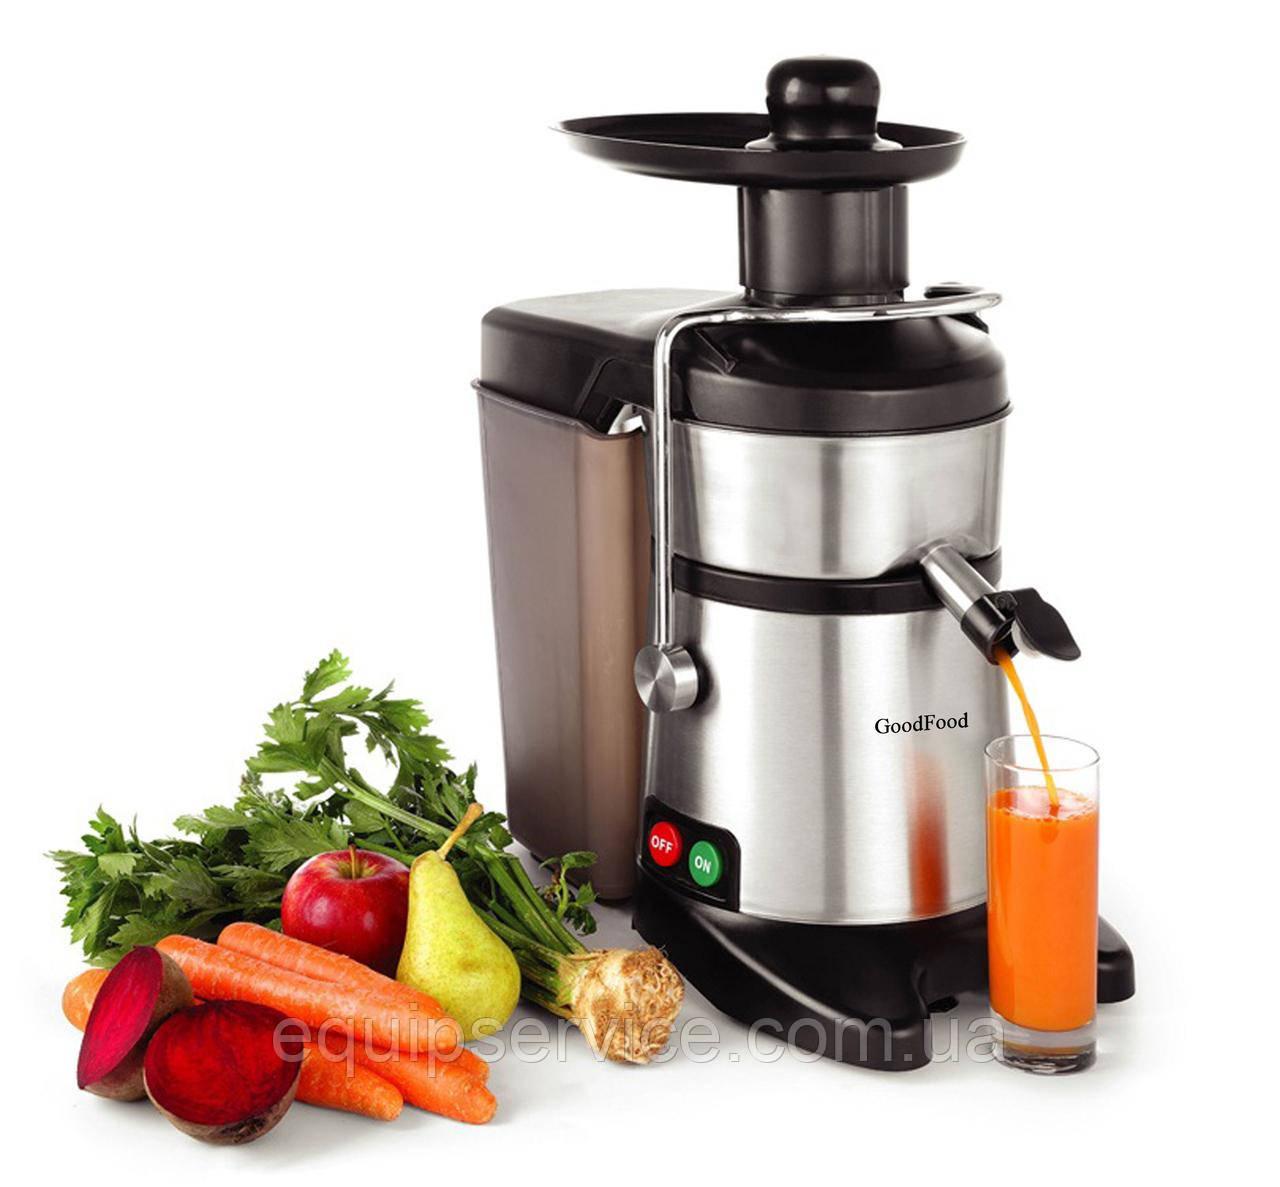 Соковыжималка эл. для твердых овощей и фруктов GoodFood FJ200